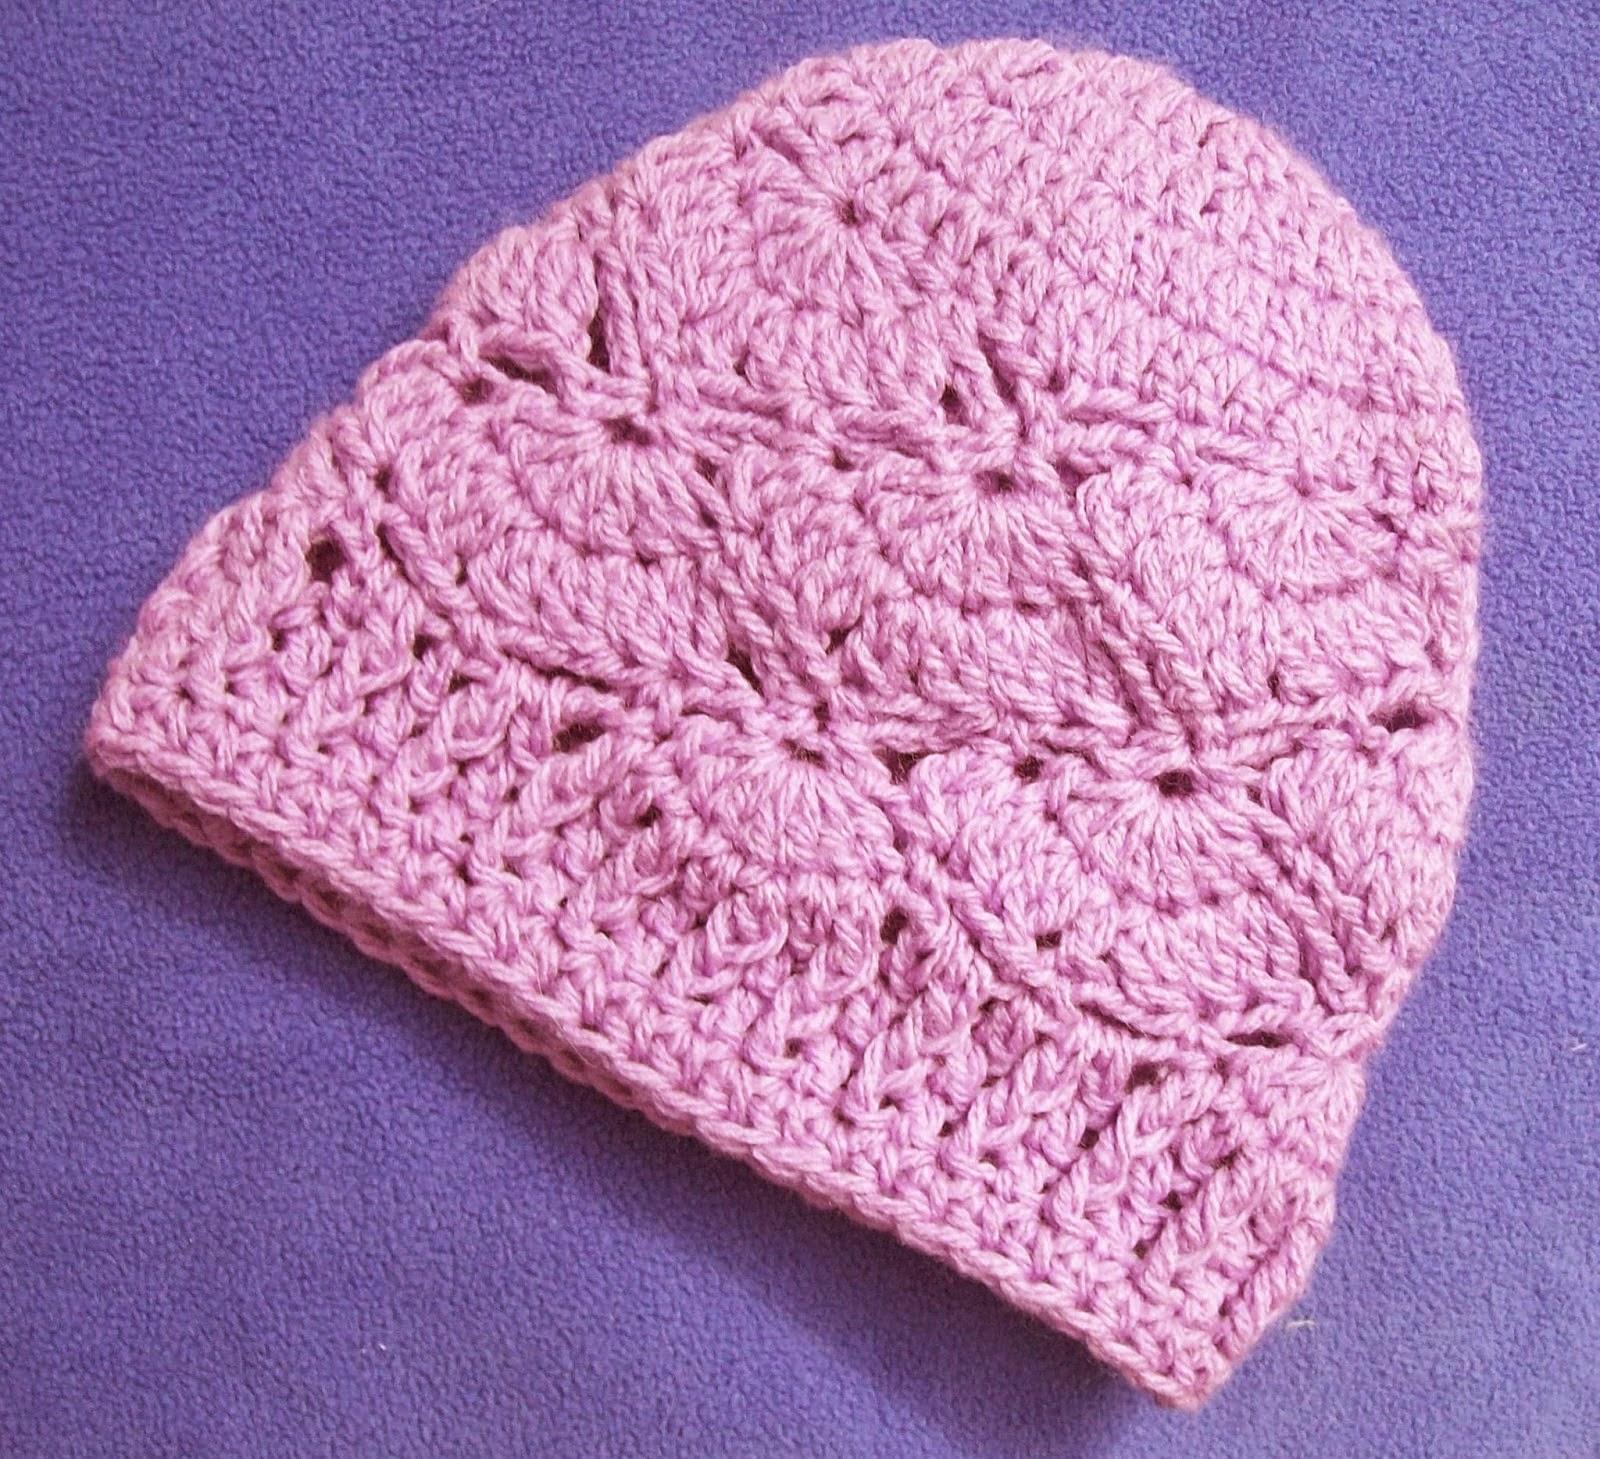 Best Free Crochet Pattern Sites : Free Crochet Patterns By Cats-Rockin-Crochet